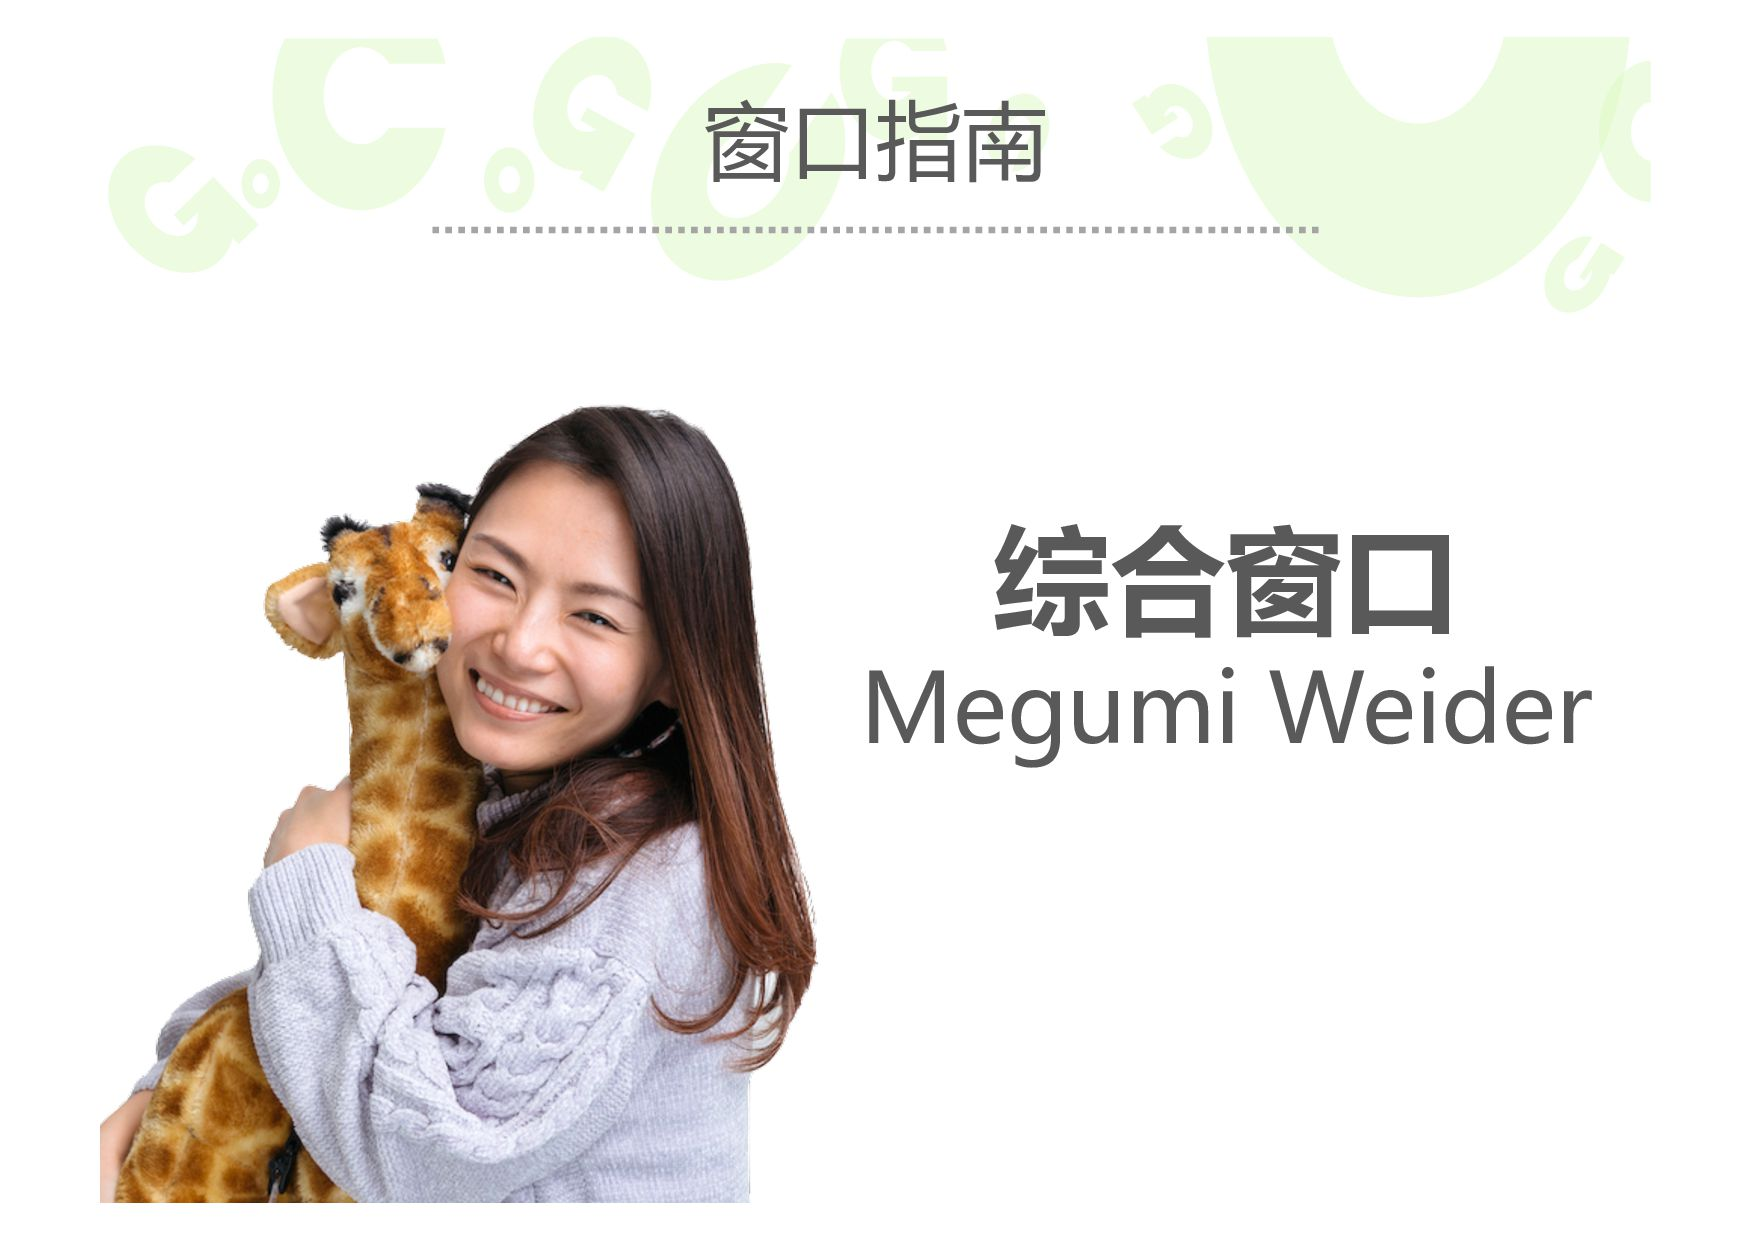 窗口指南 综合窗口 Megumi Weider